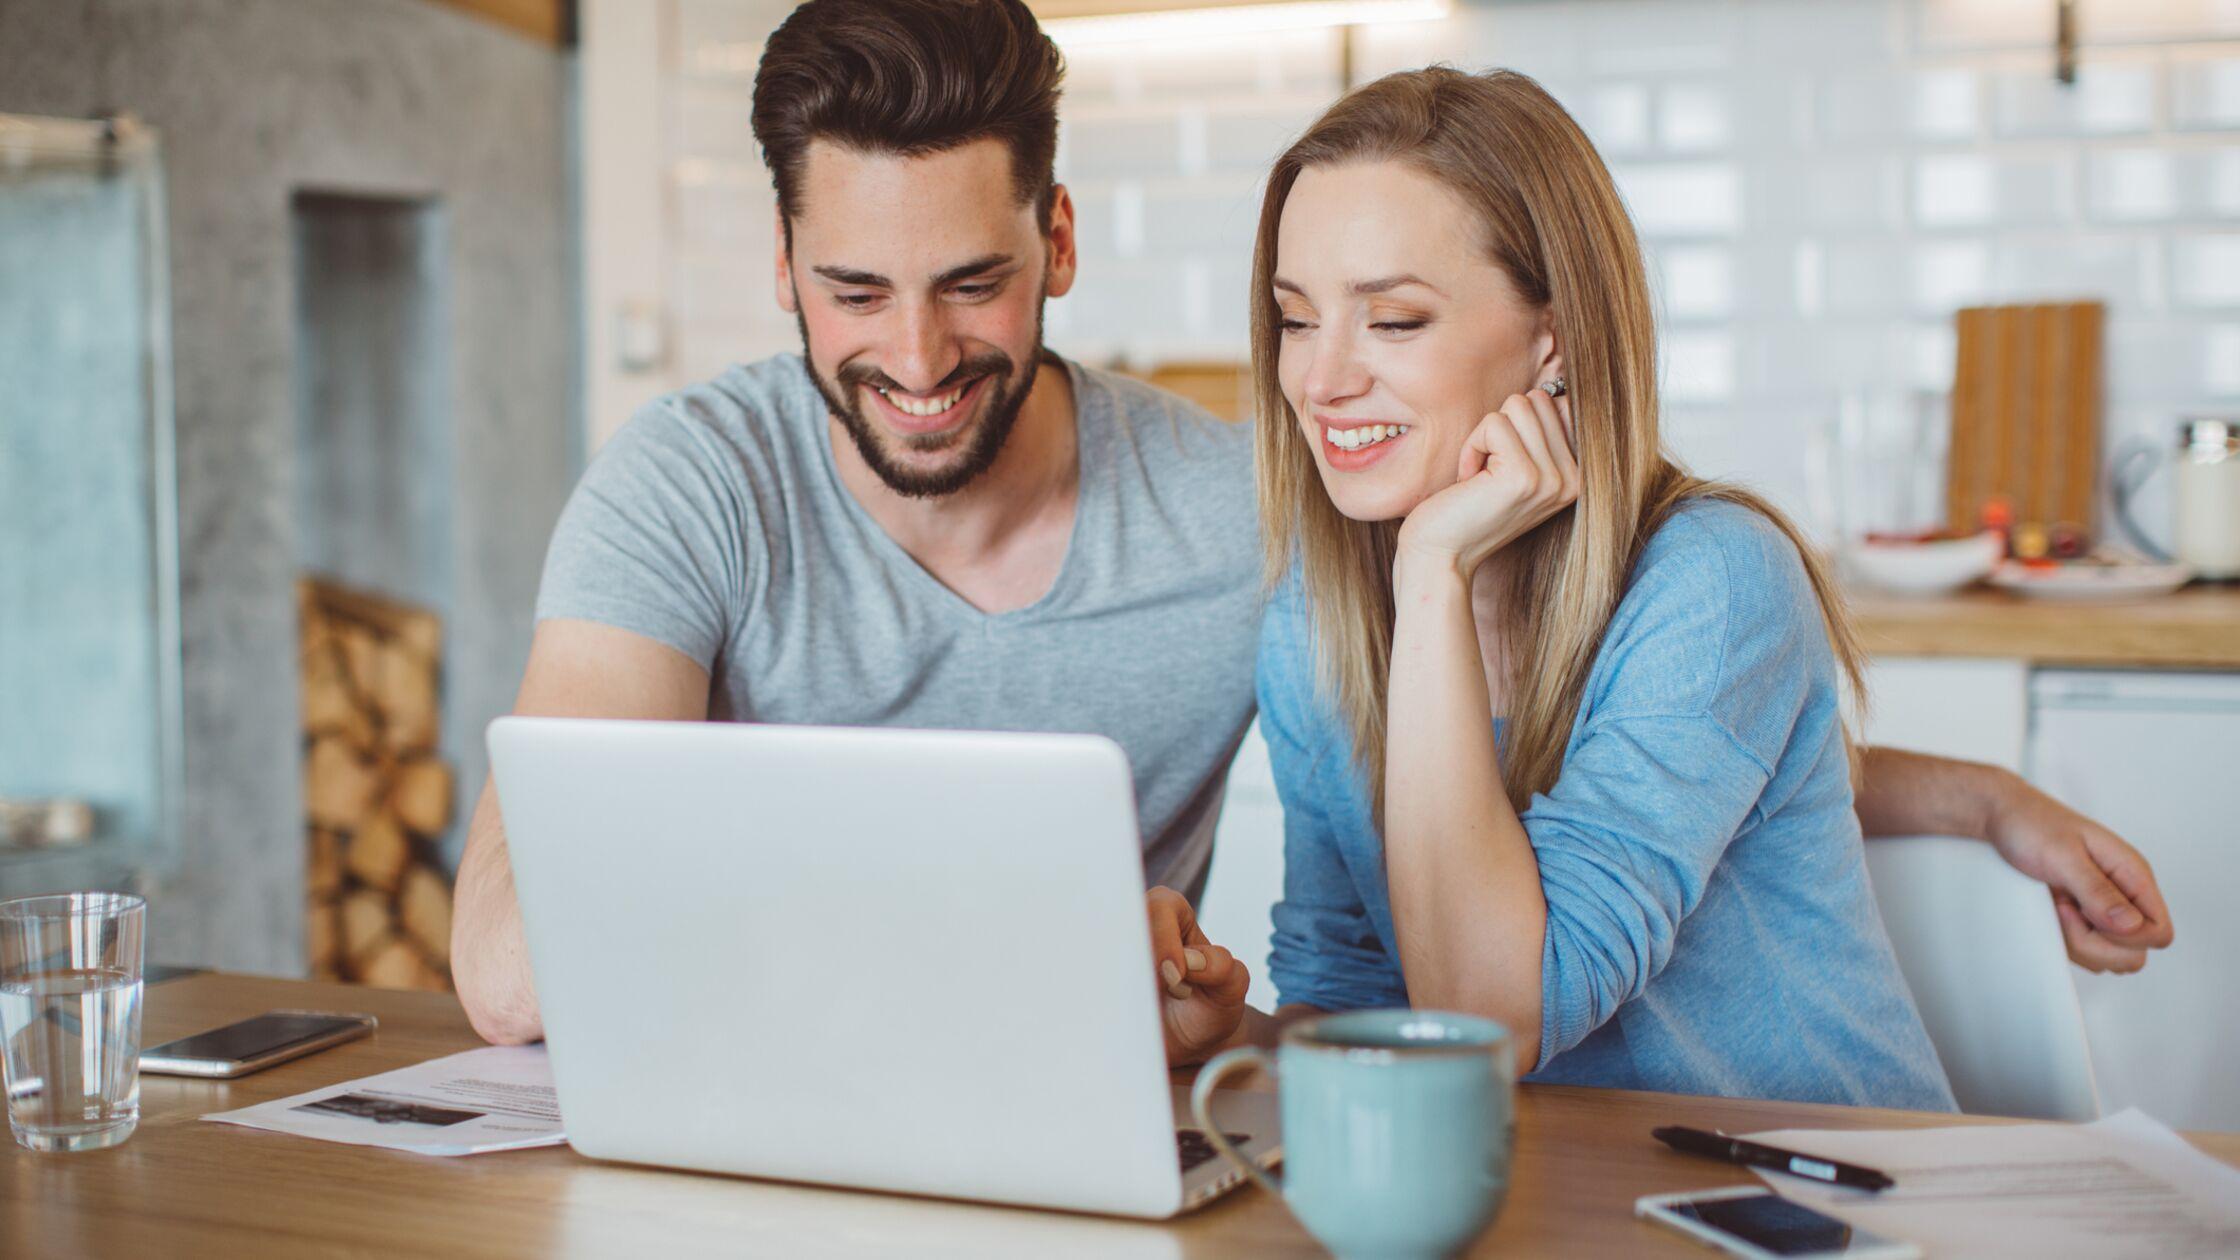 Junges Paar sitzt am Laptop und begleicht Rechnung